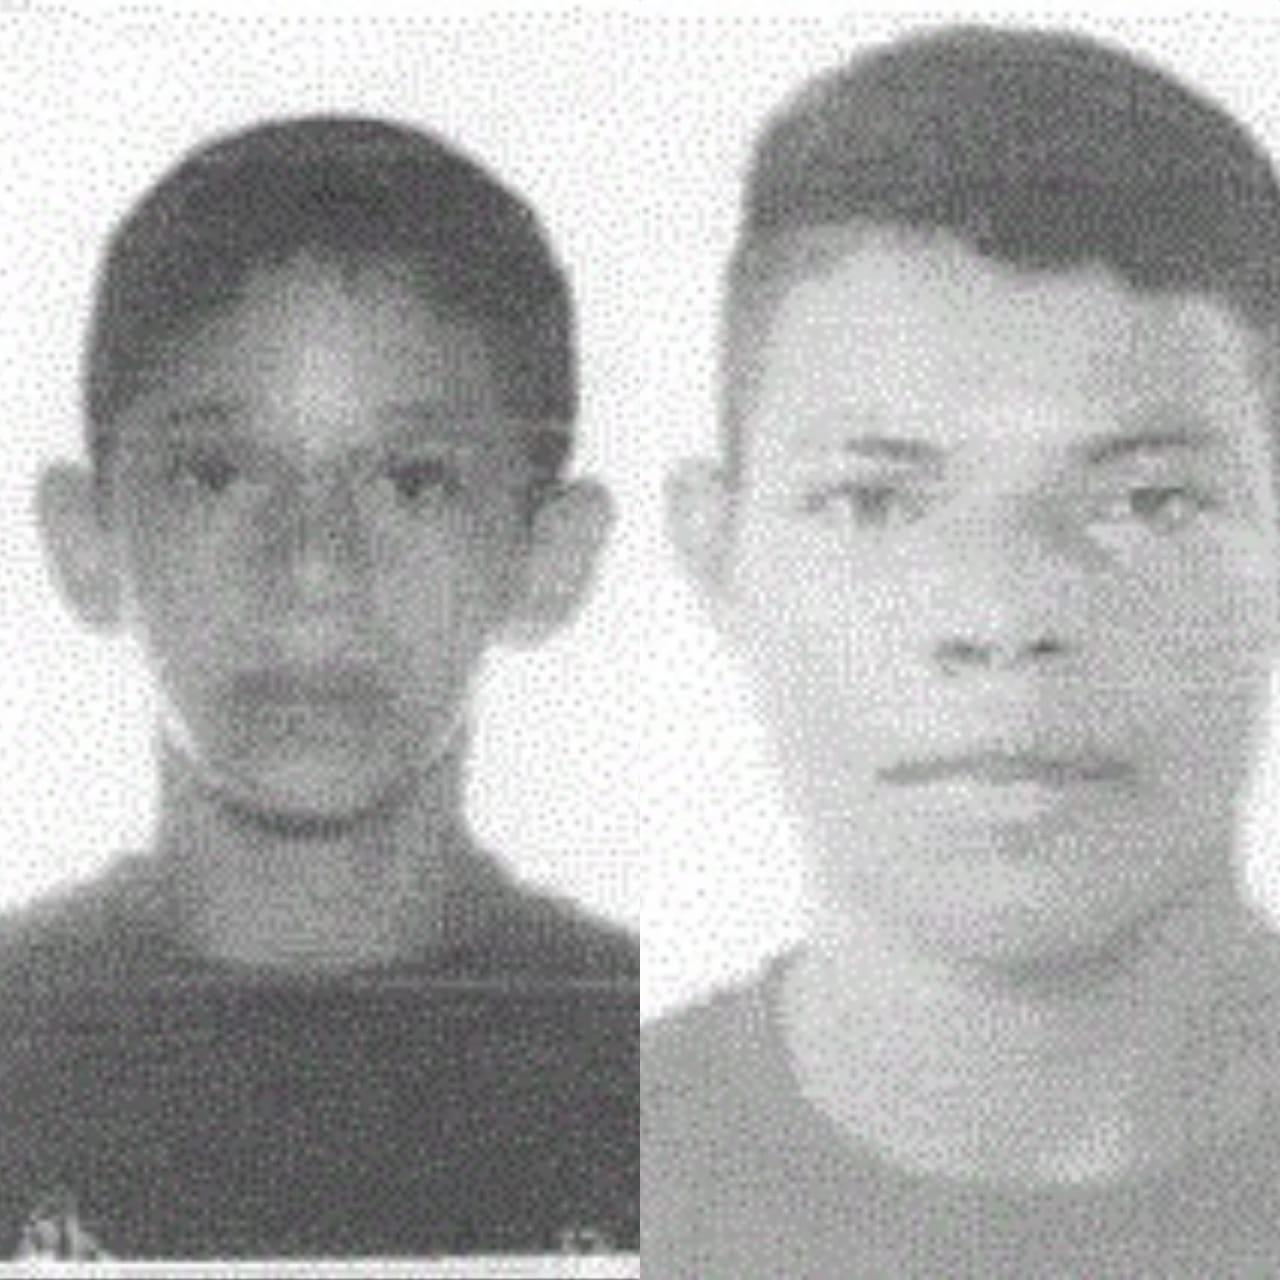 Acusados de matar jovem a golpes de canivete são condenados a mais de 70 anos de prisão no Acre